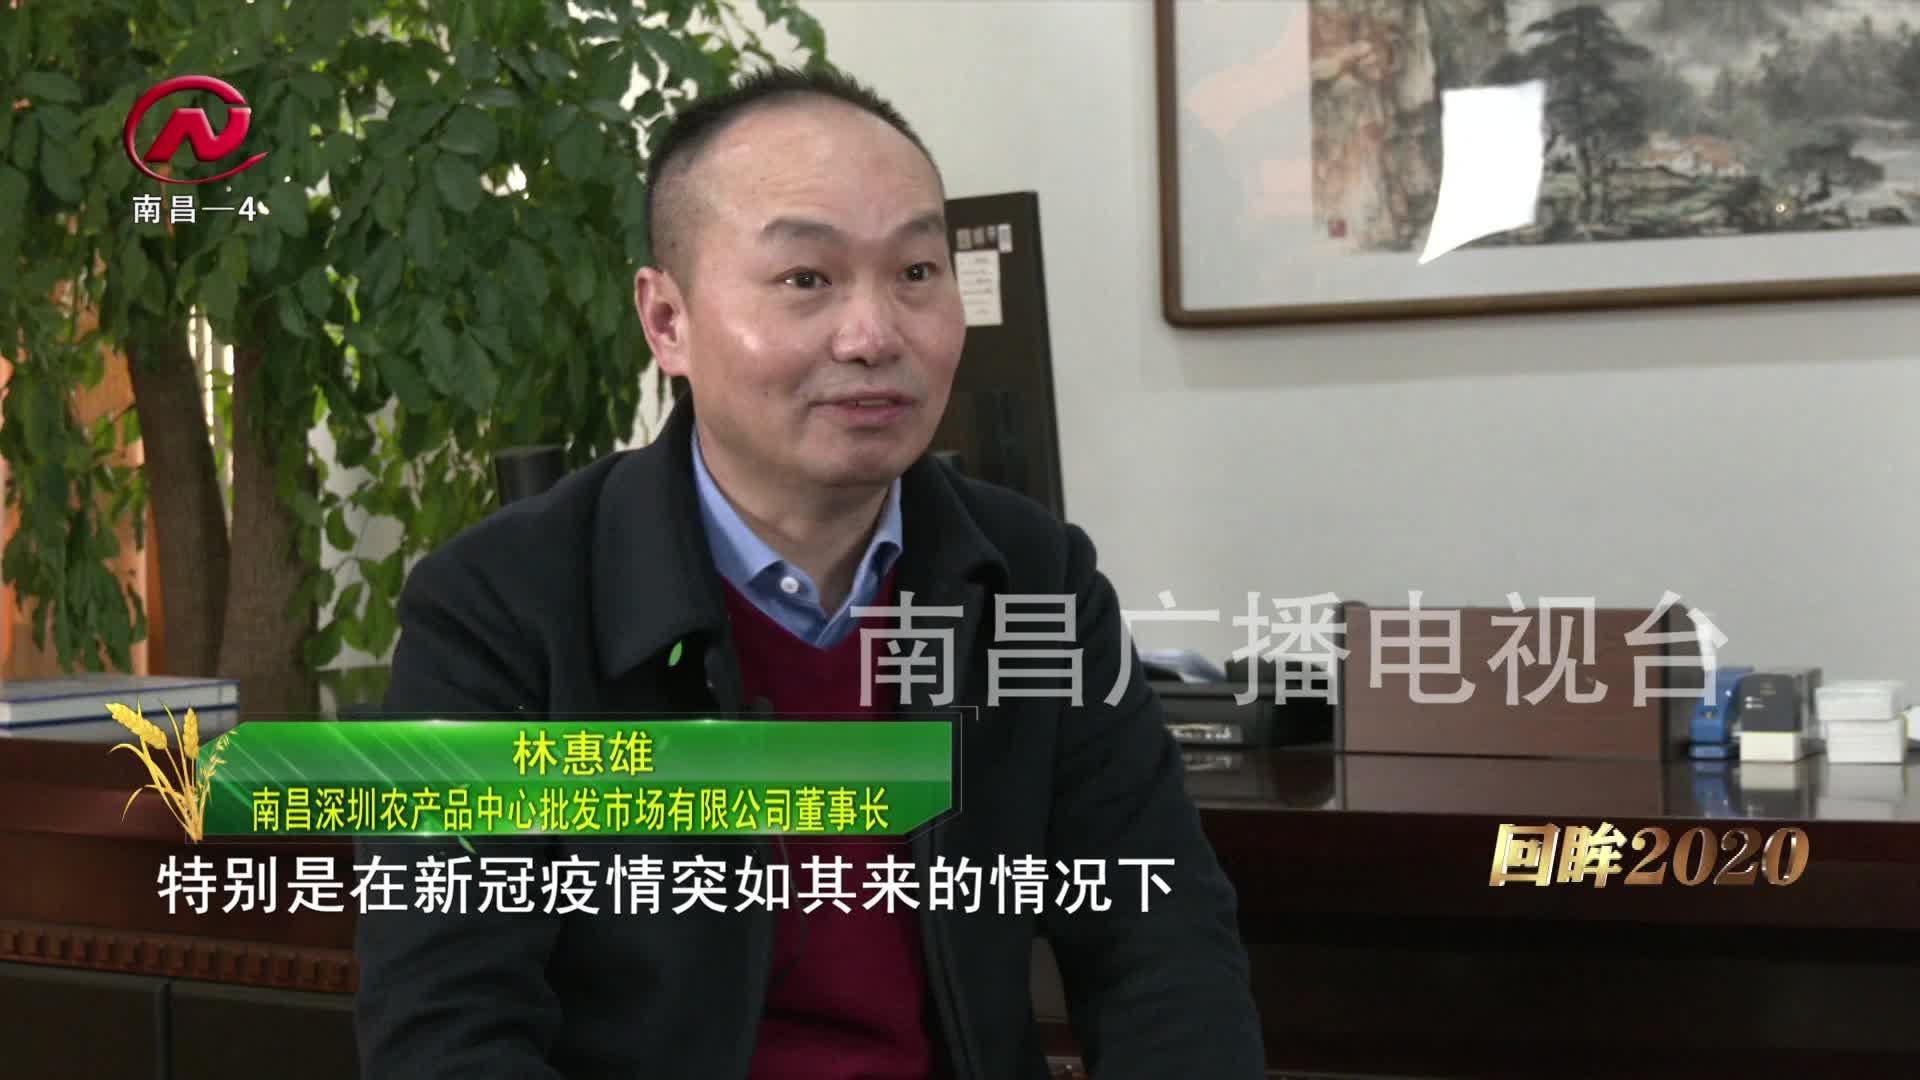 【豫章农视】林惠雄:打造精品业态 实现全产业链发展